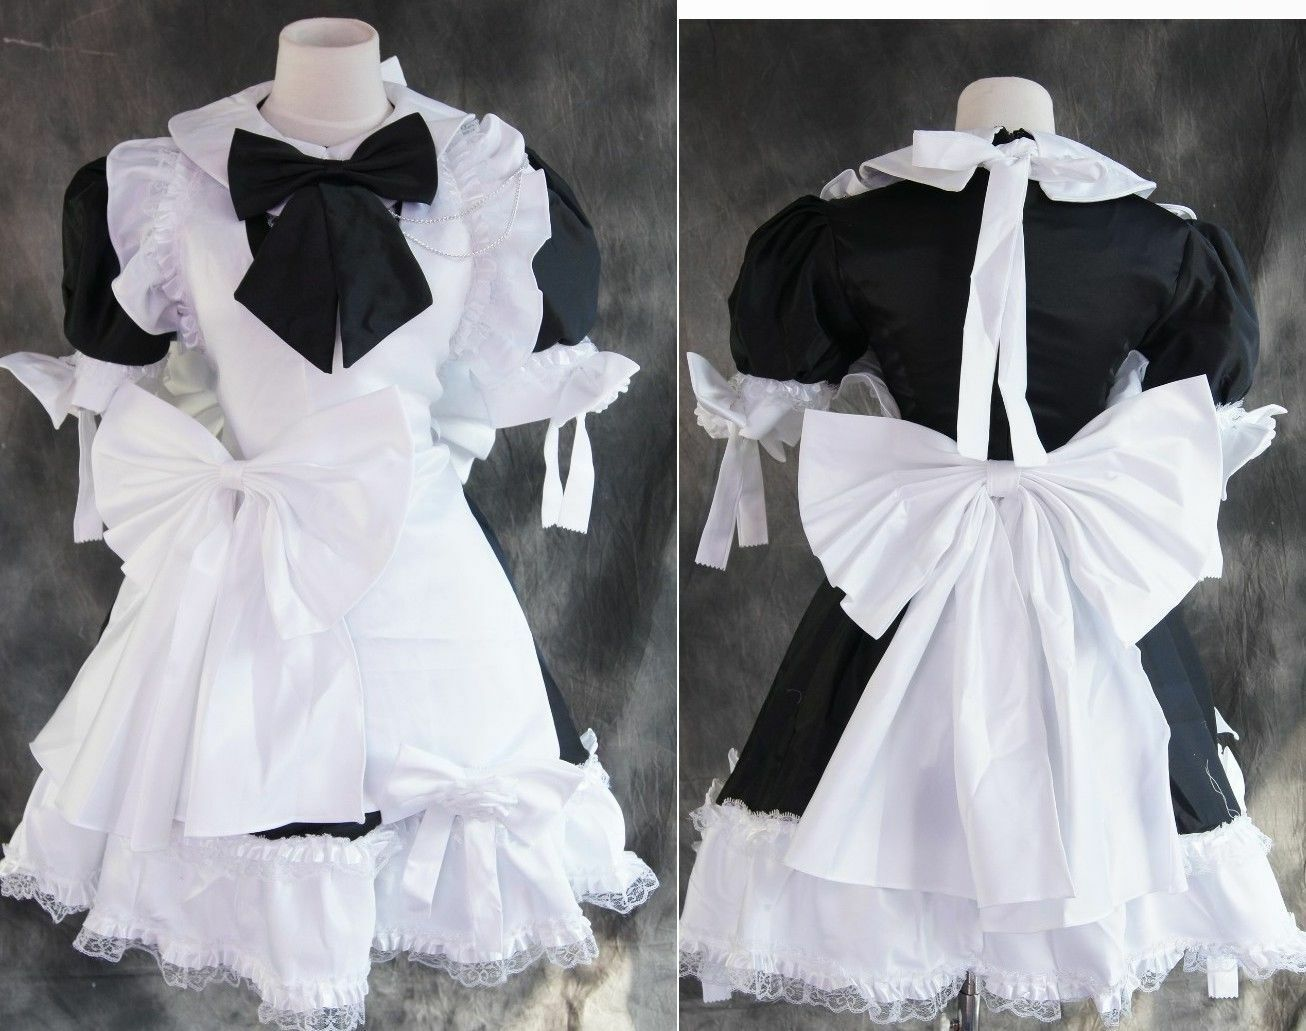 A-023 s/M/L/xl/xxl brièveHommes t t t Lolita Maid uniforme cosplay costume costume robe dress bca05a